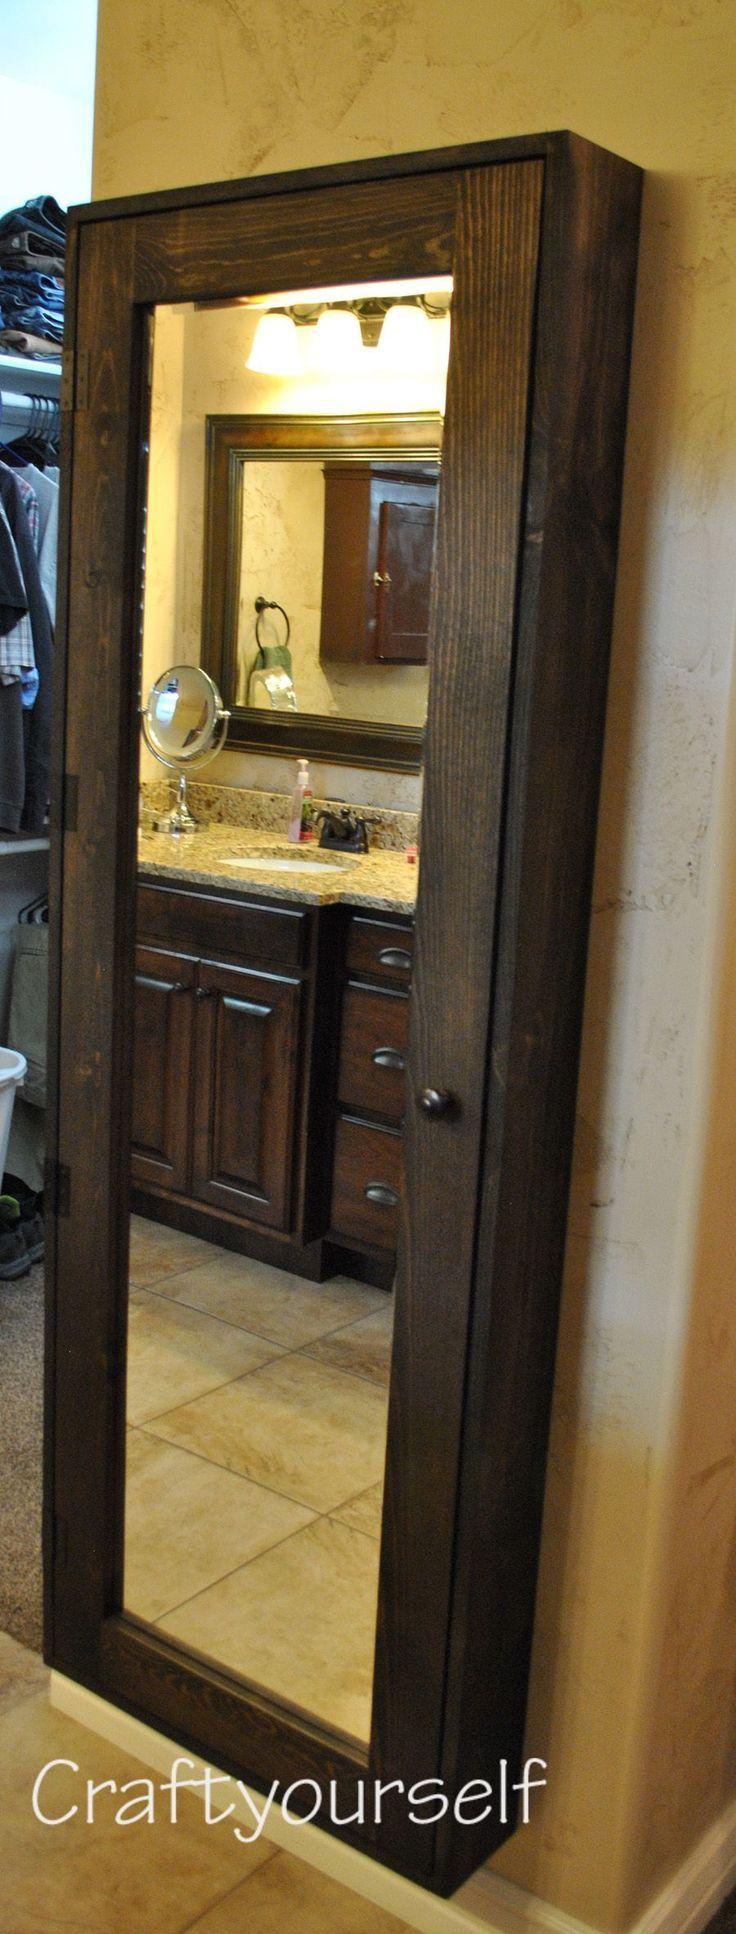 DIY Badezimmerschrank mit Spiegel